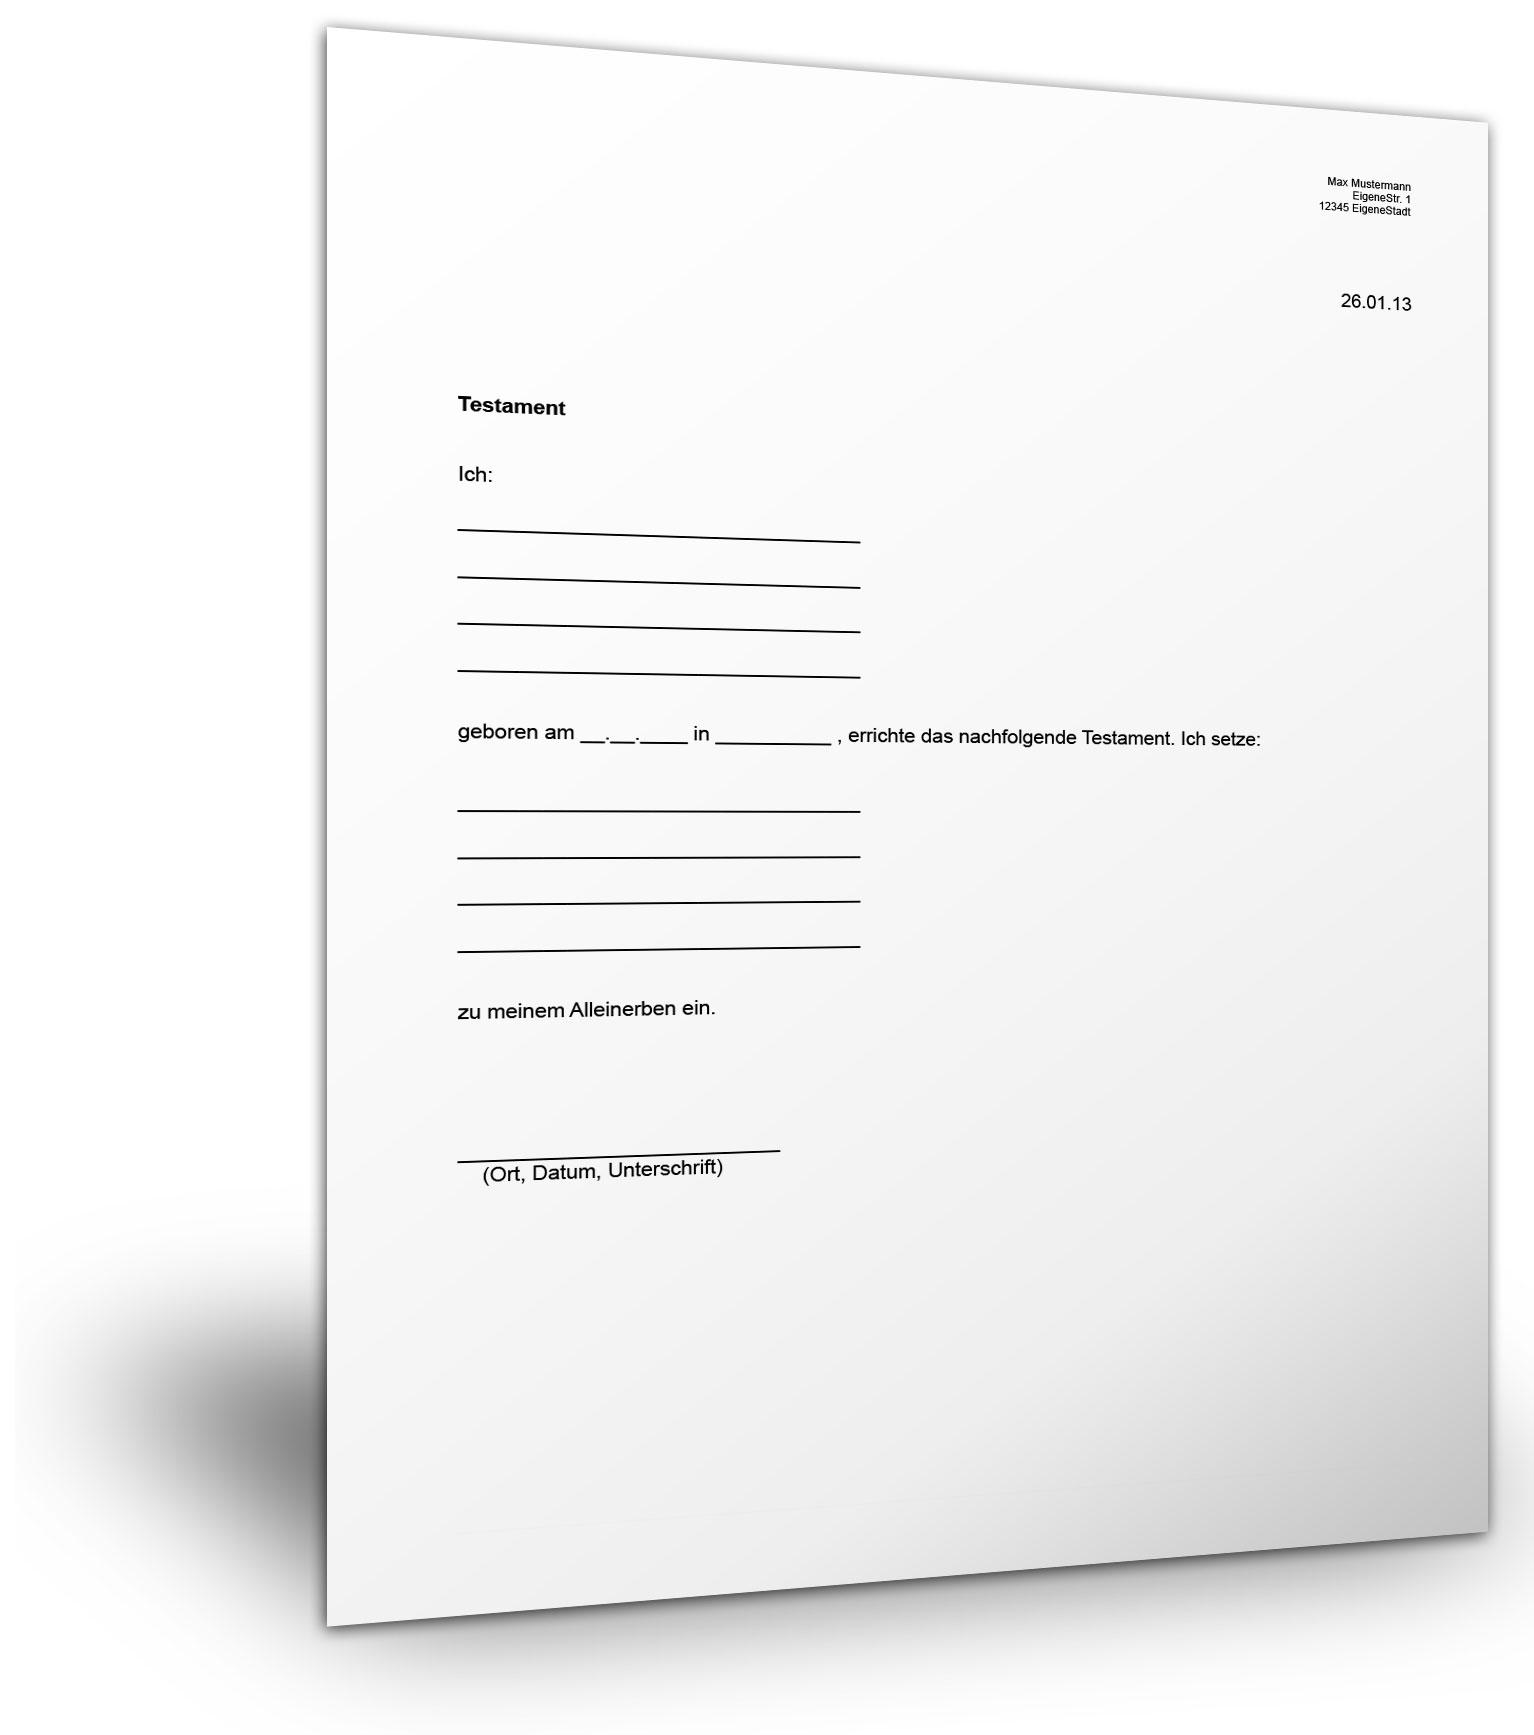 Tolle Wohn Leasing Vorlage Ideen - Entry Level Resume Vorlagen ...